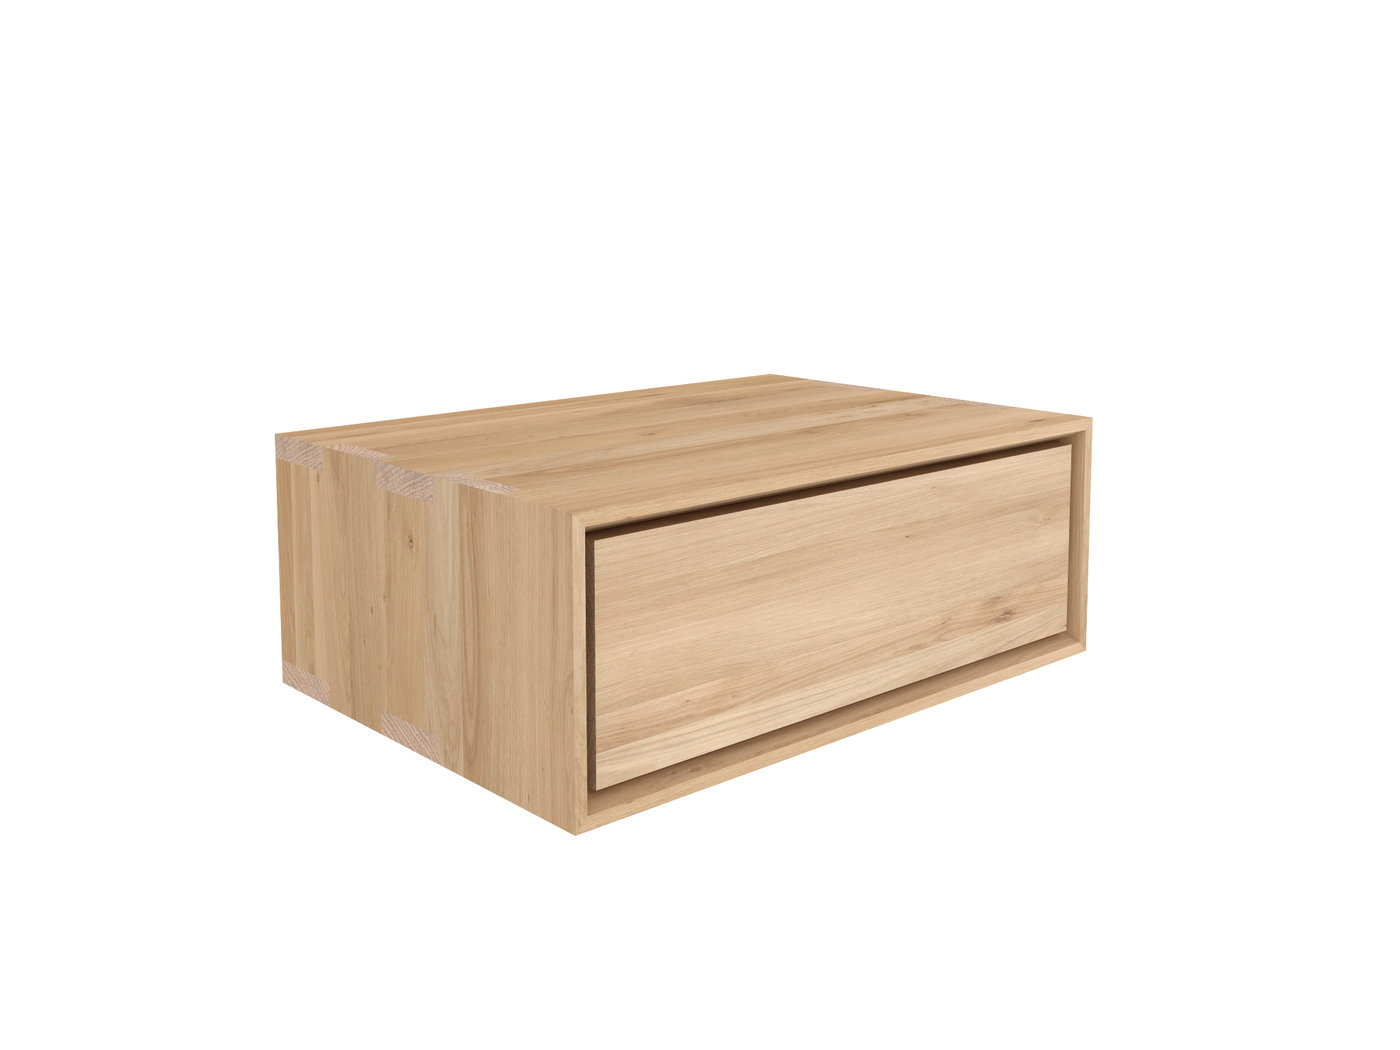 Ethnicraft oak nordic ii nightstand nachttisch h ngend teakwoodstore24 - Nachttisch wandmontage ...